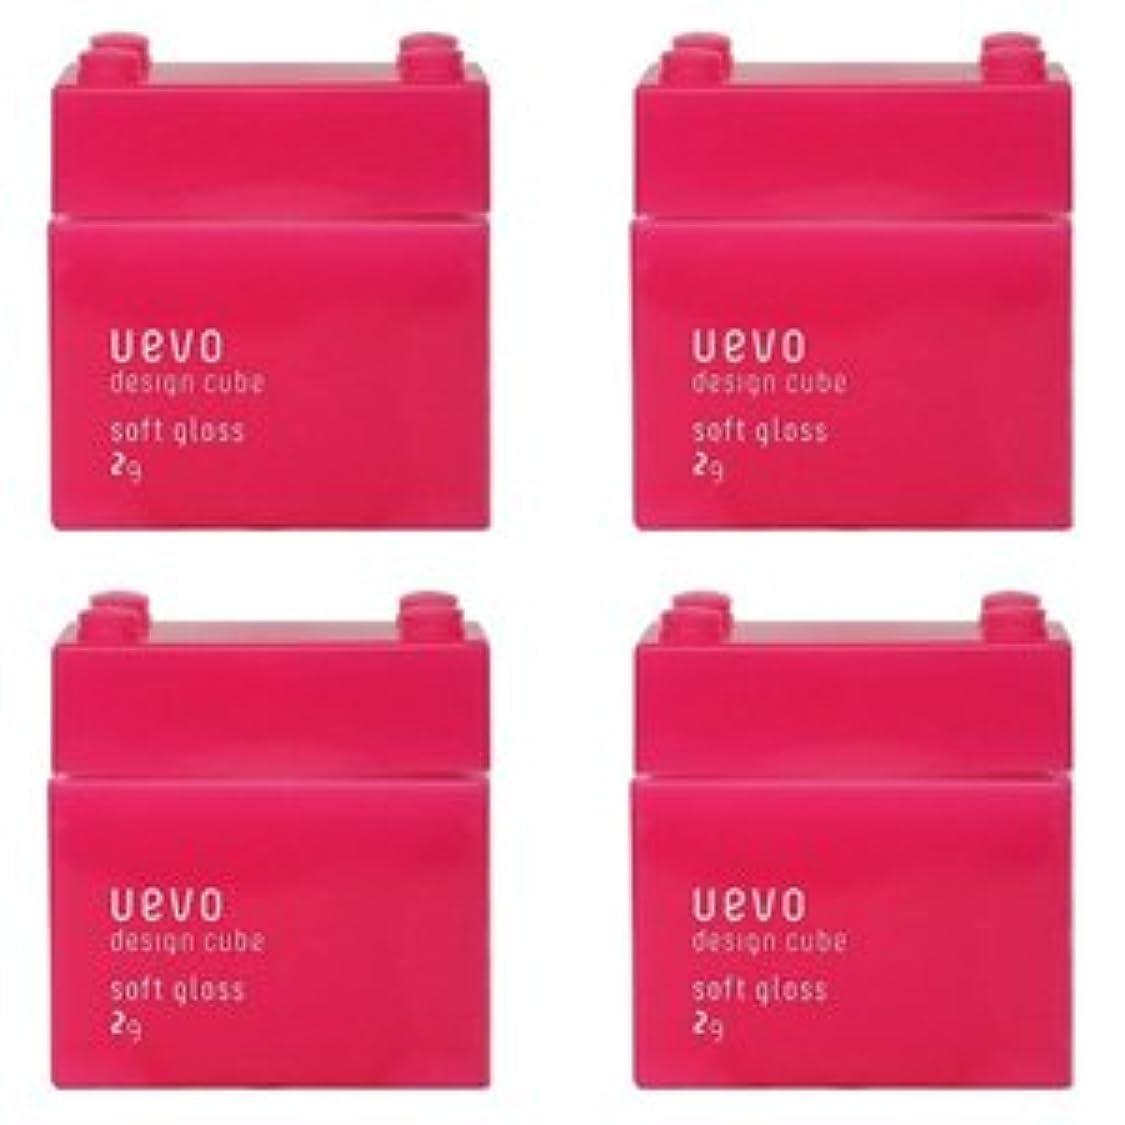 すなわち贅沢な平野【X4個セット】 デミ ウェーボ デザインキューブ ソフトグロス 80g soft gloss DEMI uevo design cube